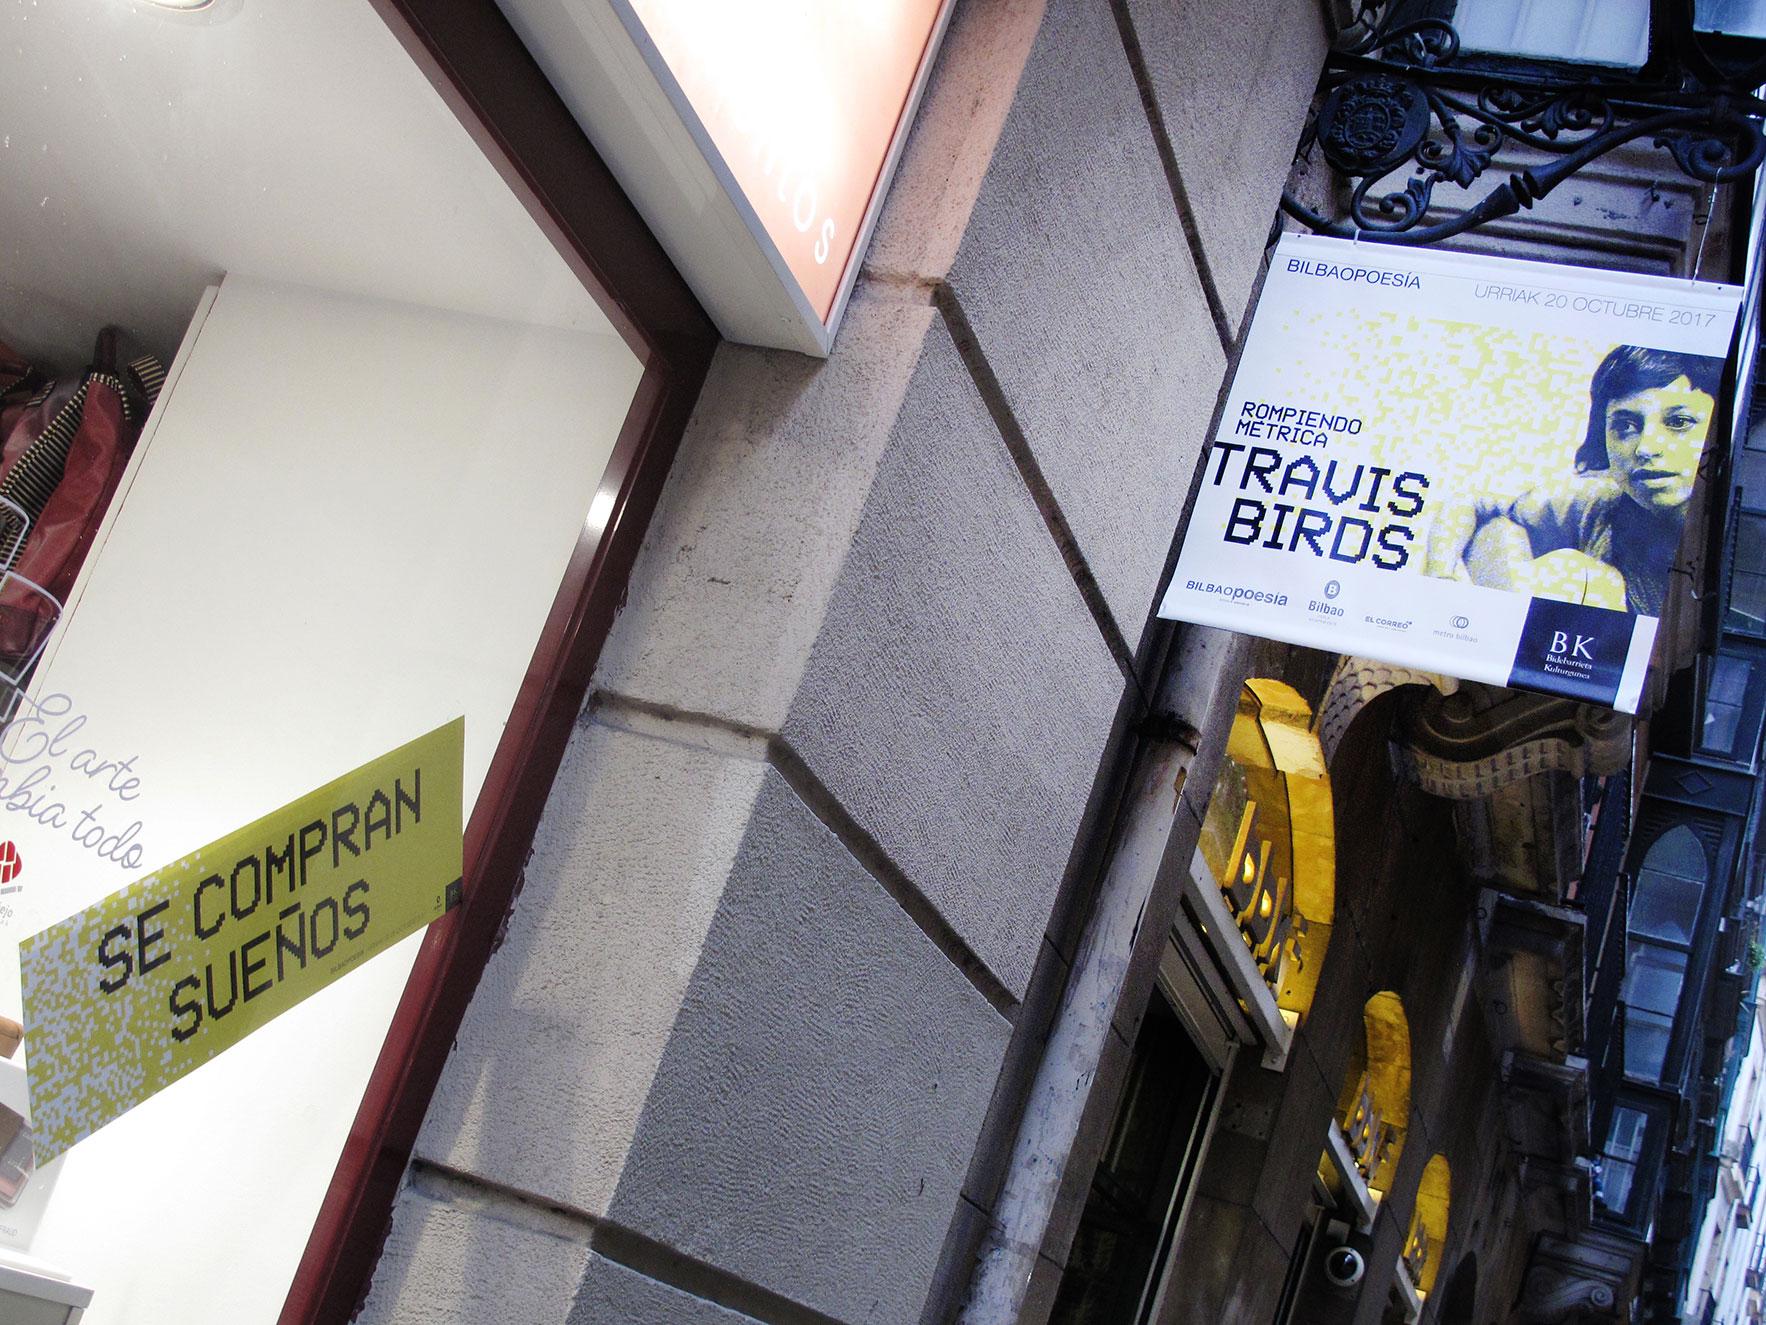 Bilbao poesía escaparate y cartel farola